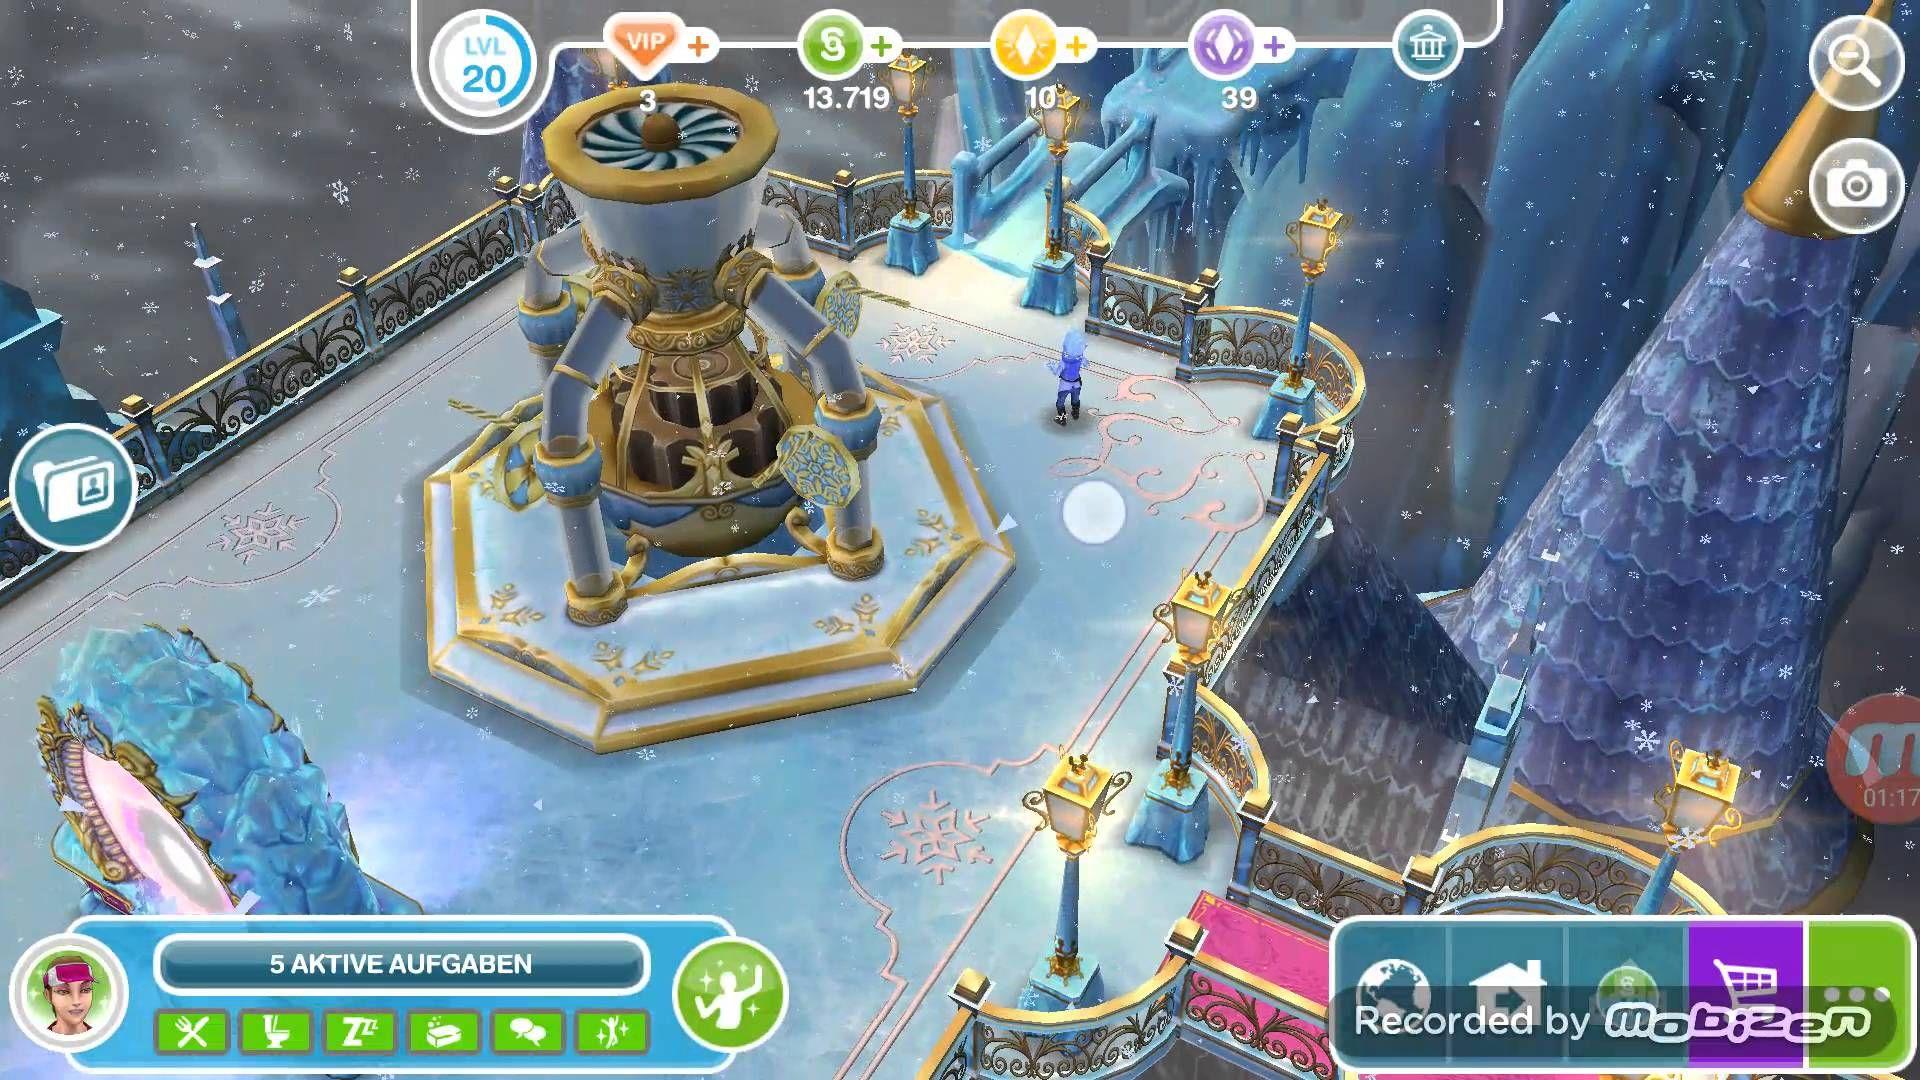 Frostschutzzauber Von Der Eiskönigin Lets Play Sims Freeplay 49